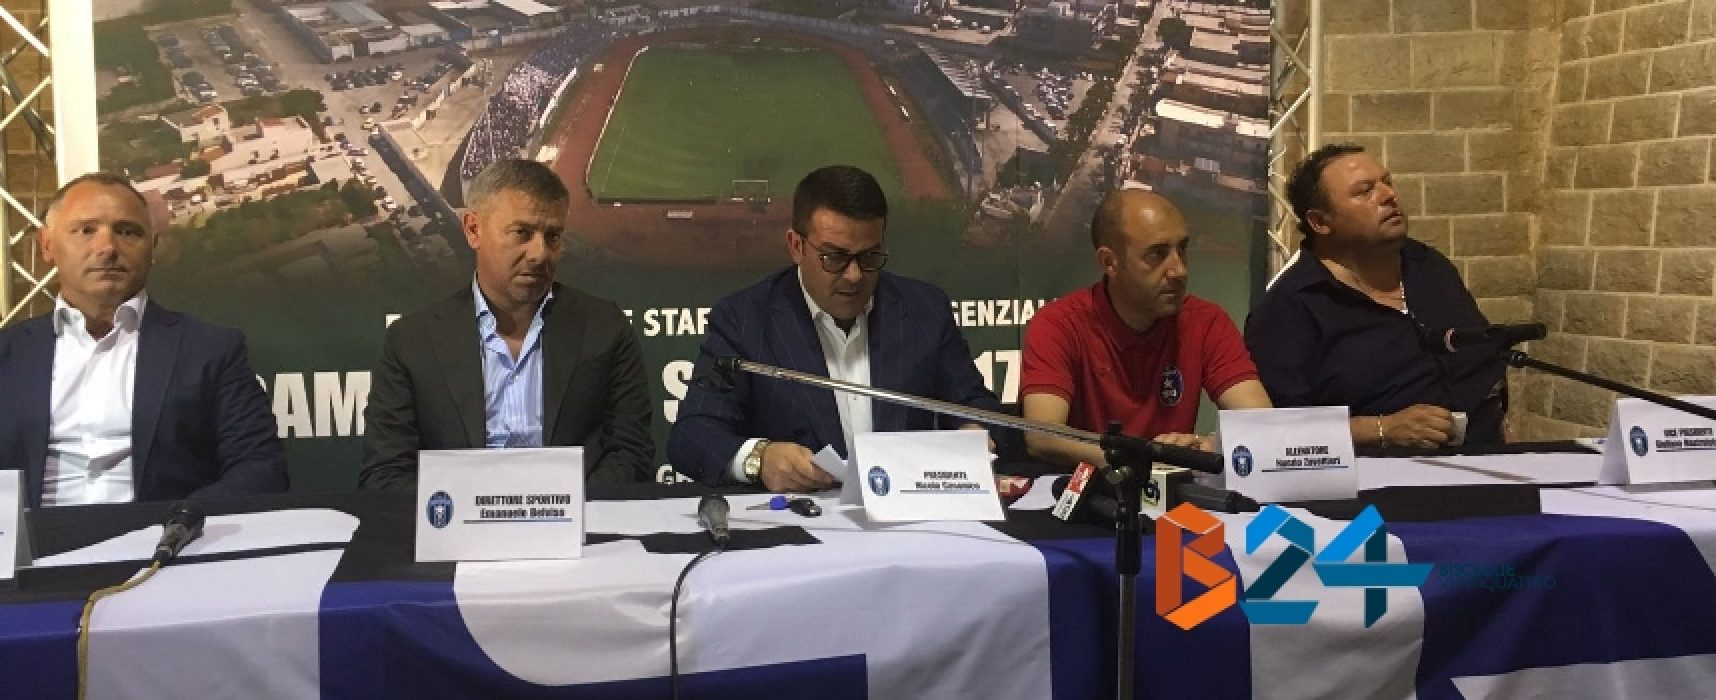 """Bisceglie Calcio, Zavettieri: """"Convinto della mia scelta; garantisco impegno e serietà"""""""